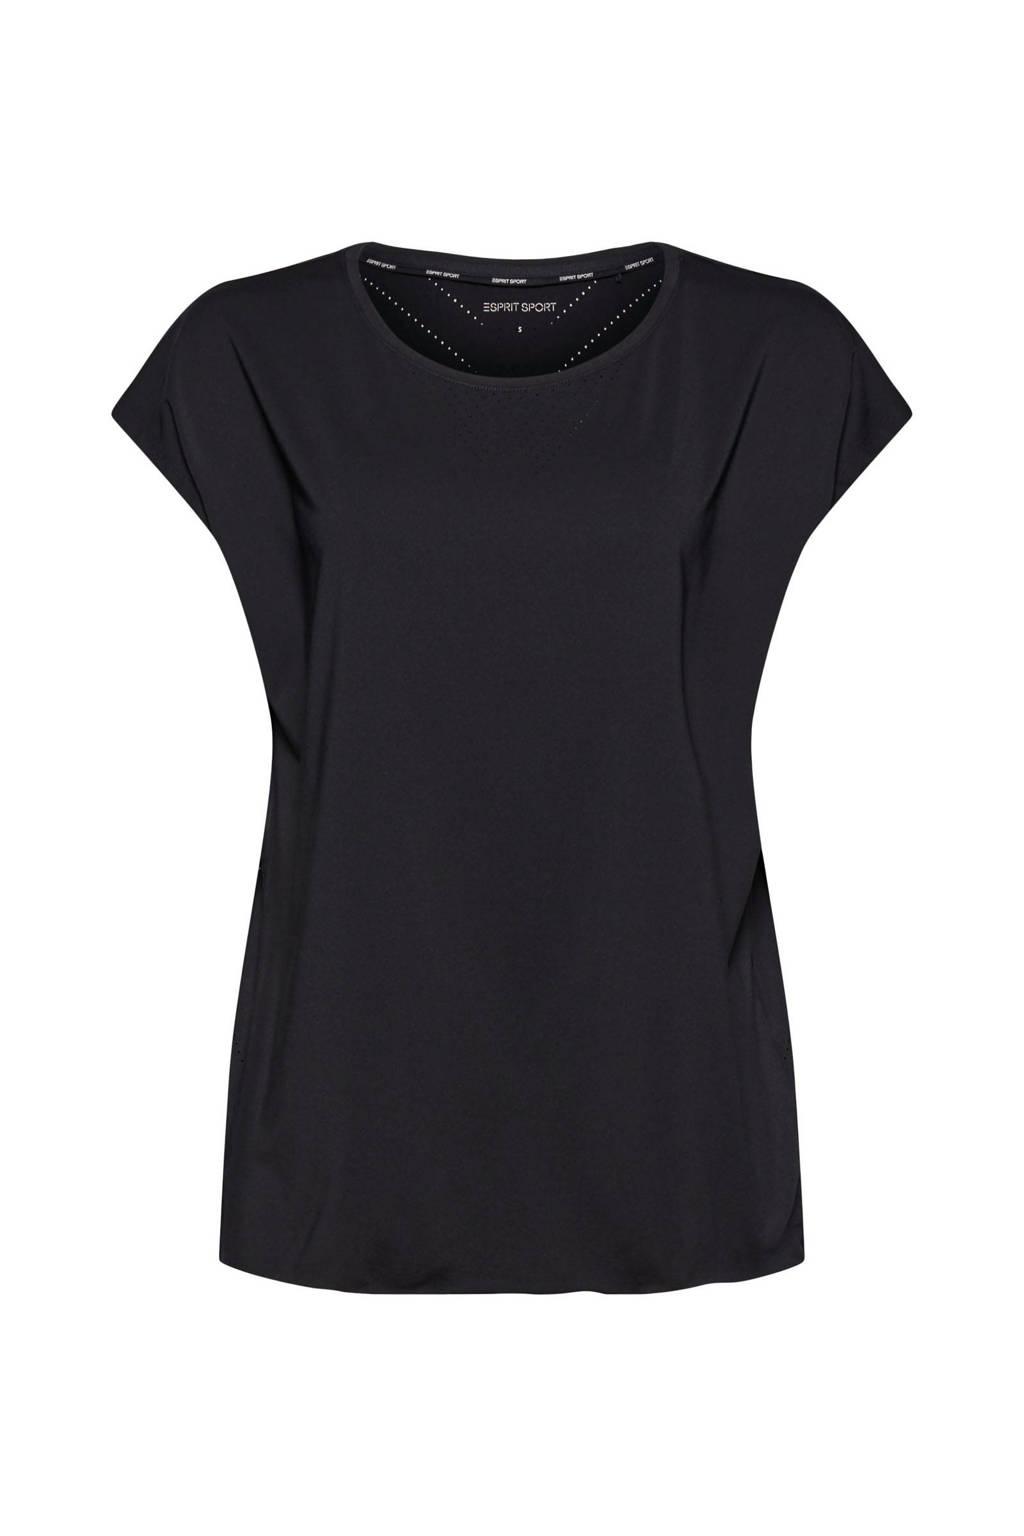 ESPRIT Women Sports sport T-shirt zwart, Zwart